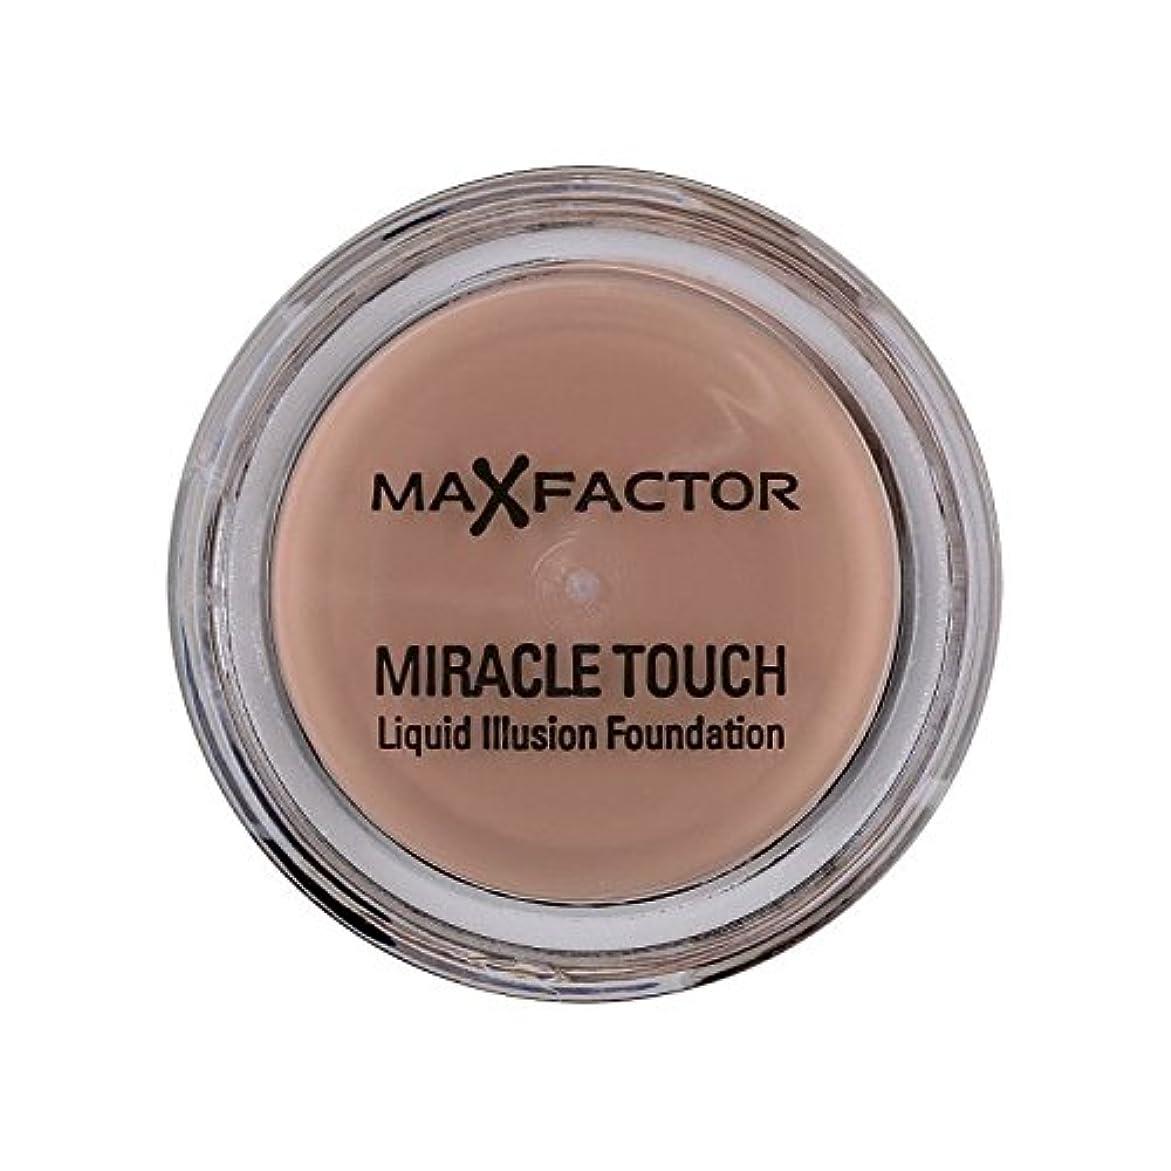 霊人道的試用Max Factor Miracle Touch Foundation Natural 70 - マックスファクターの奇跡のタッチ基盤の自然70 [並行輸入品]